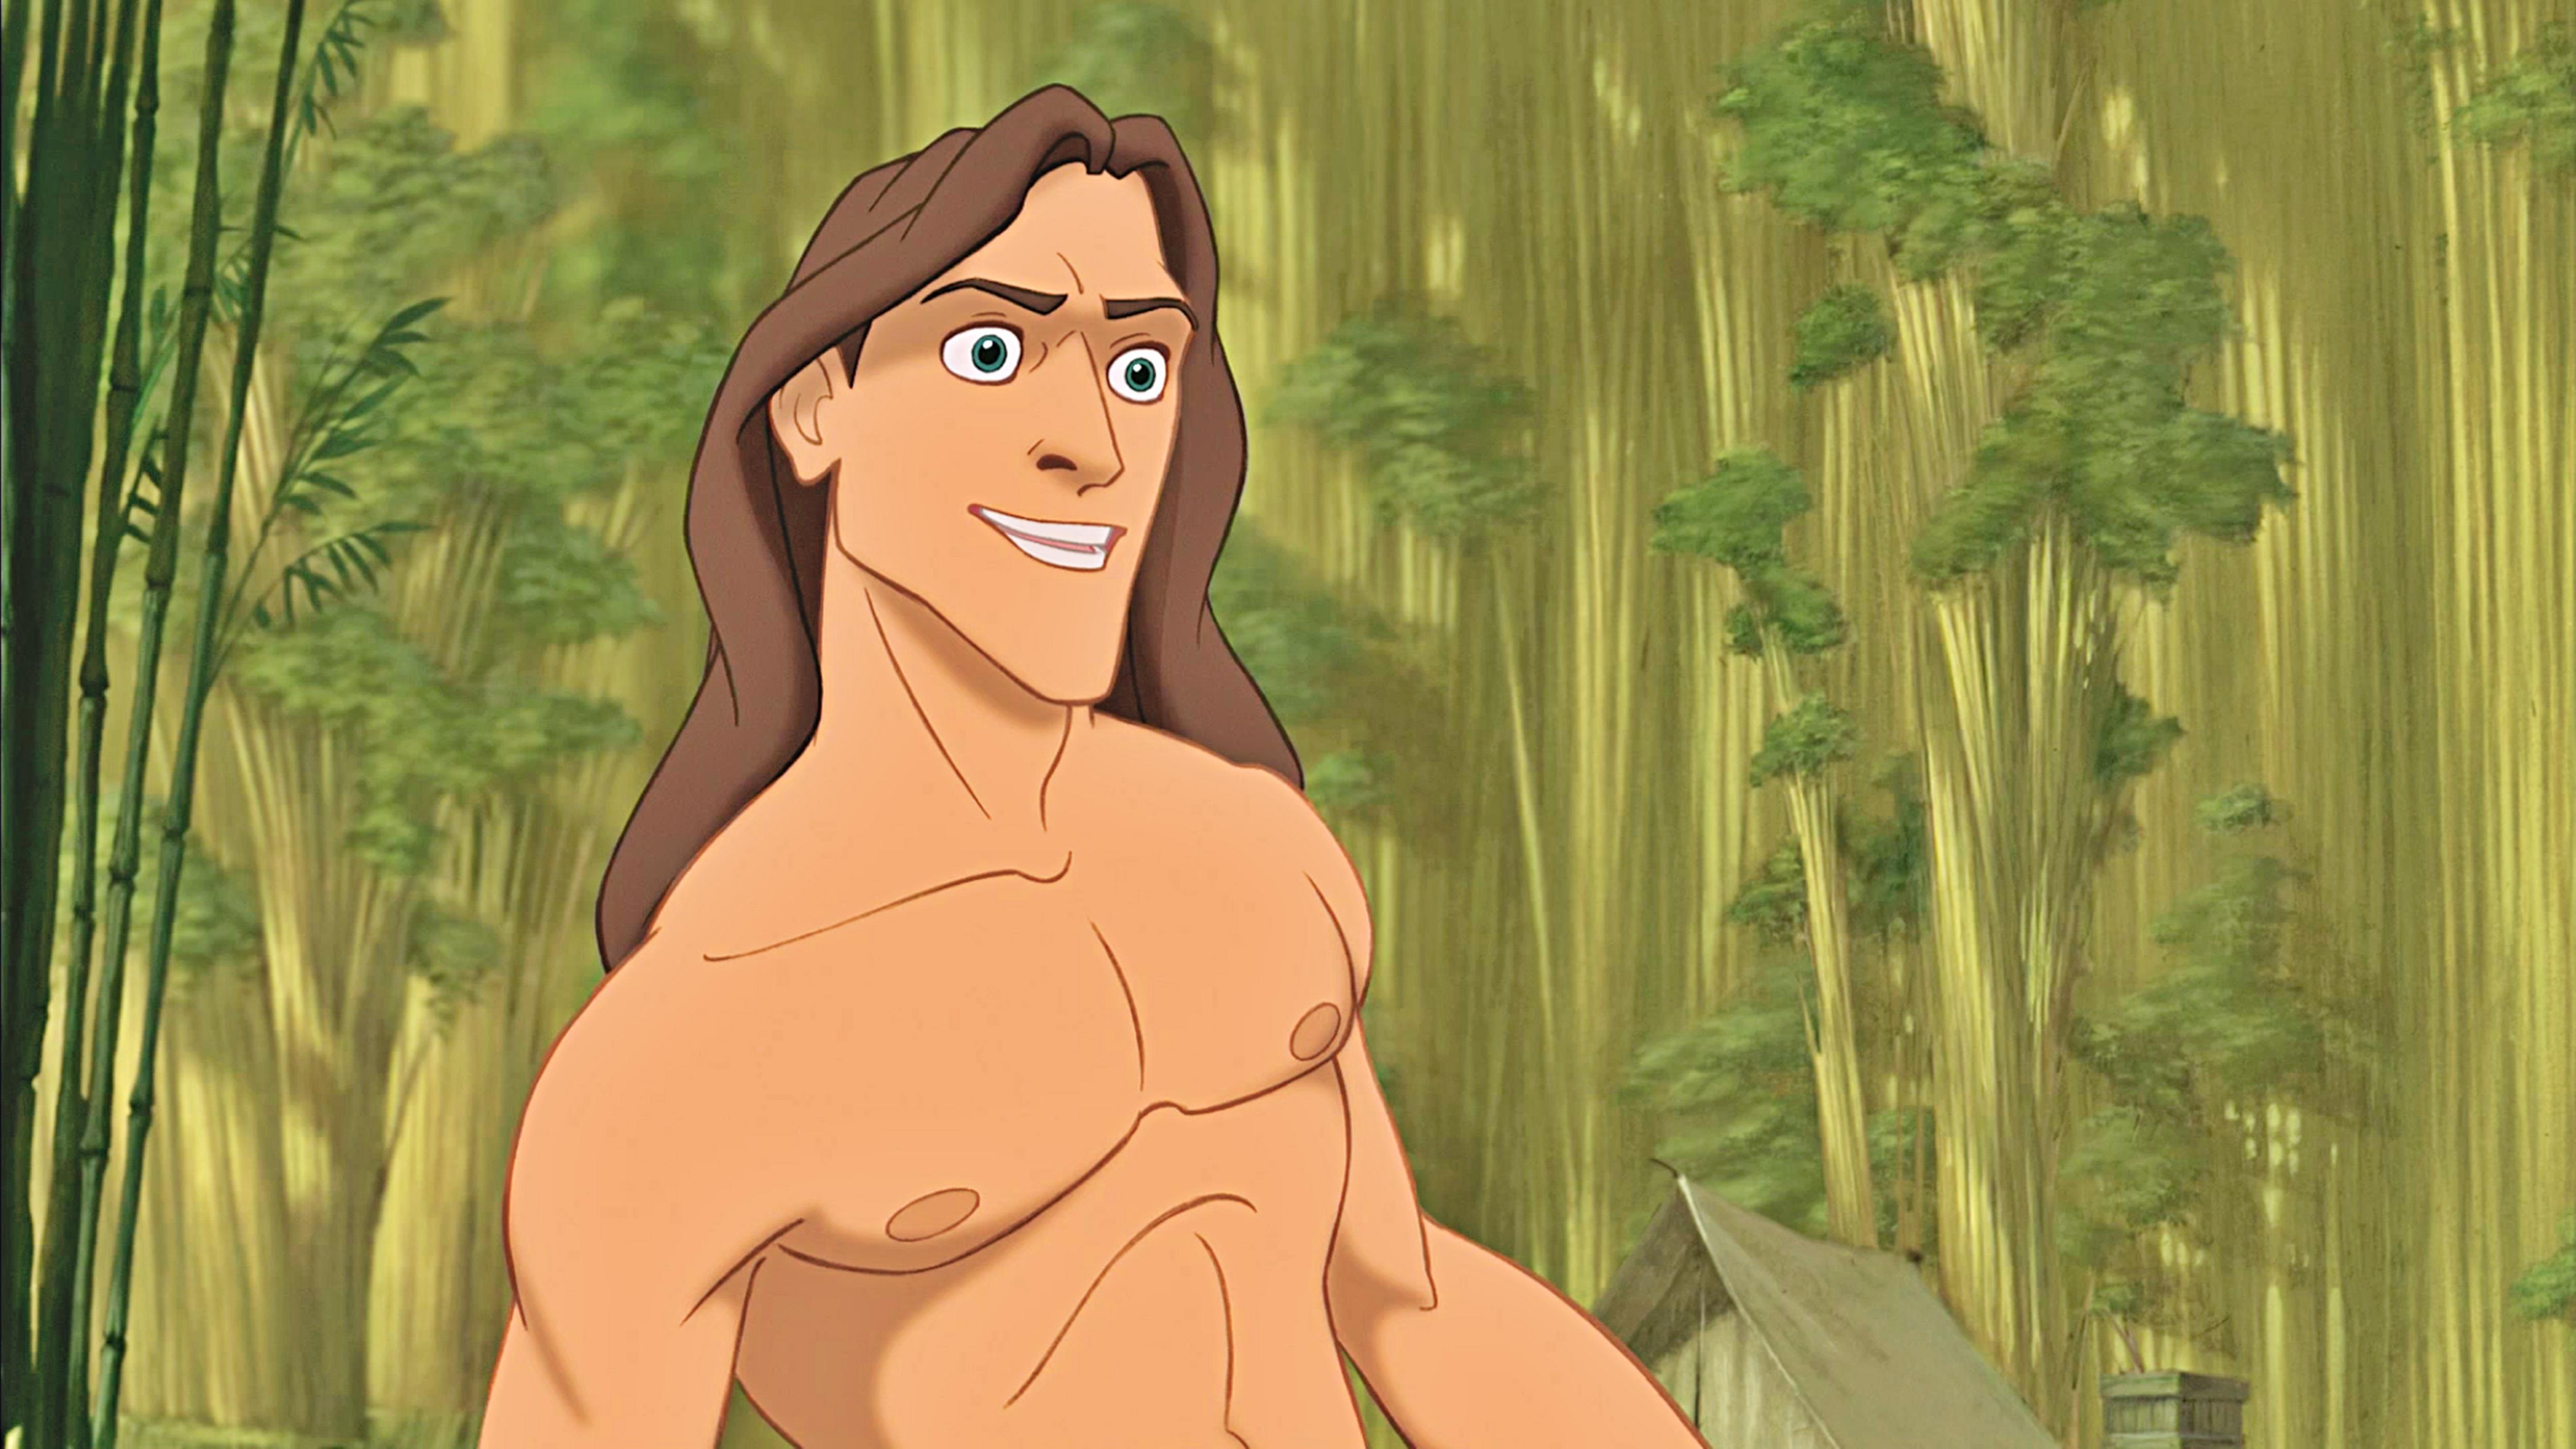 Disney Character Design Tarzan : Linha quente da maddyrain junho